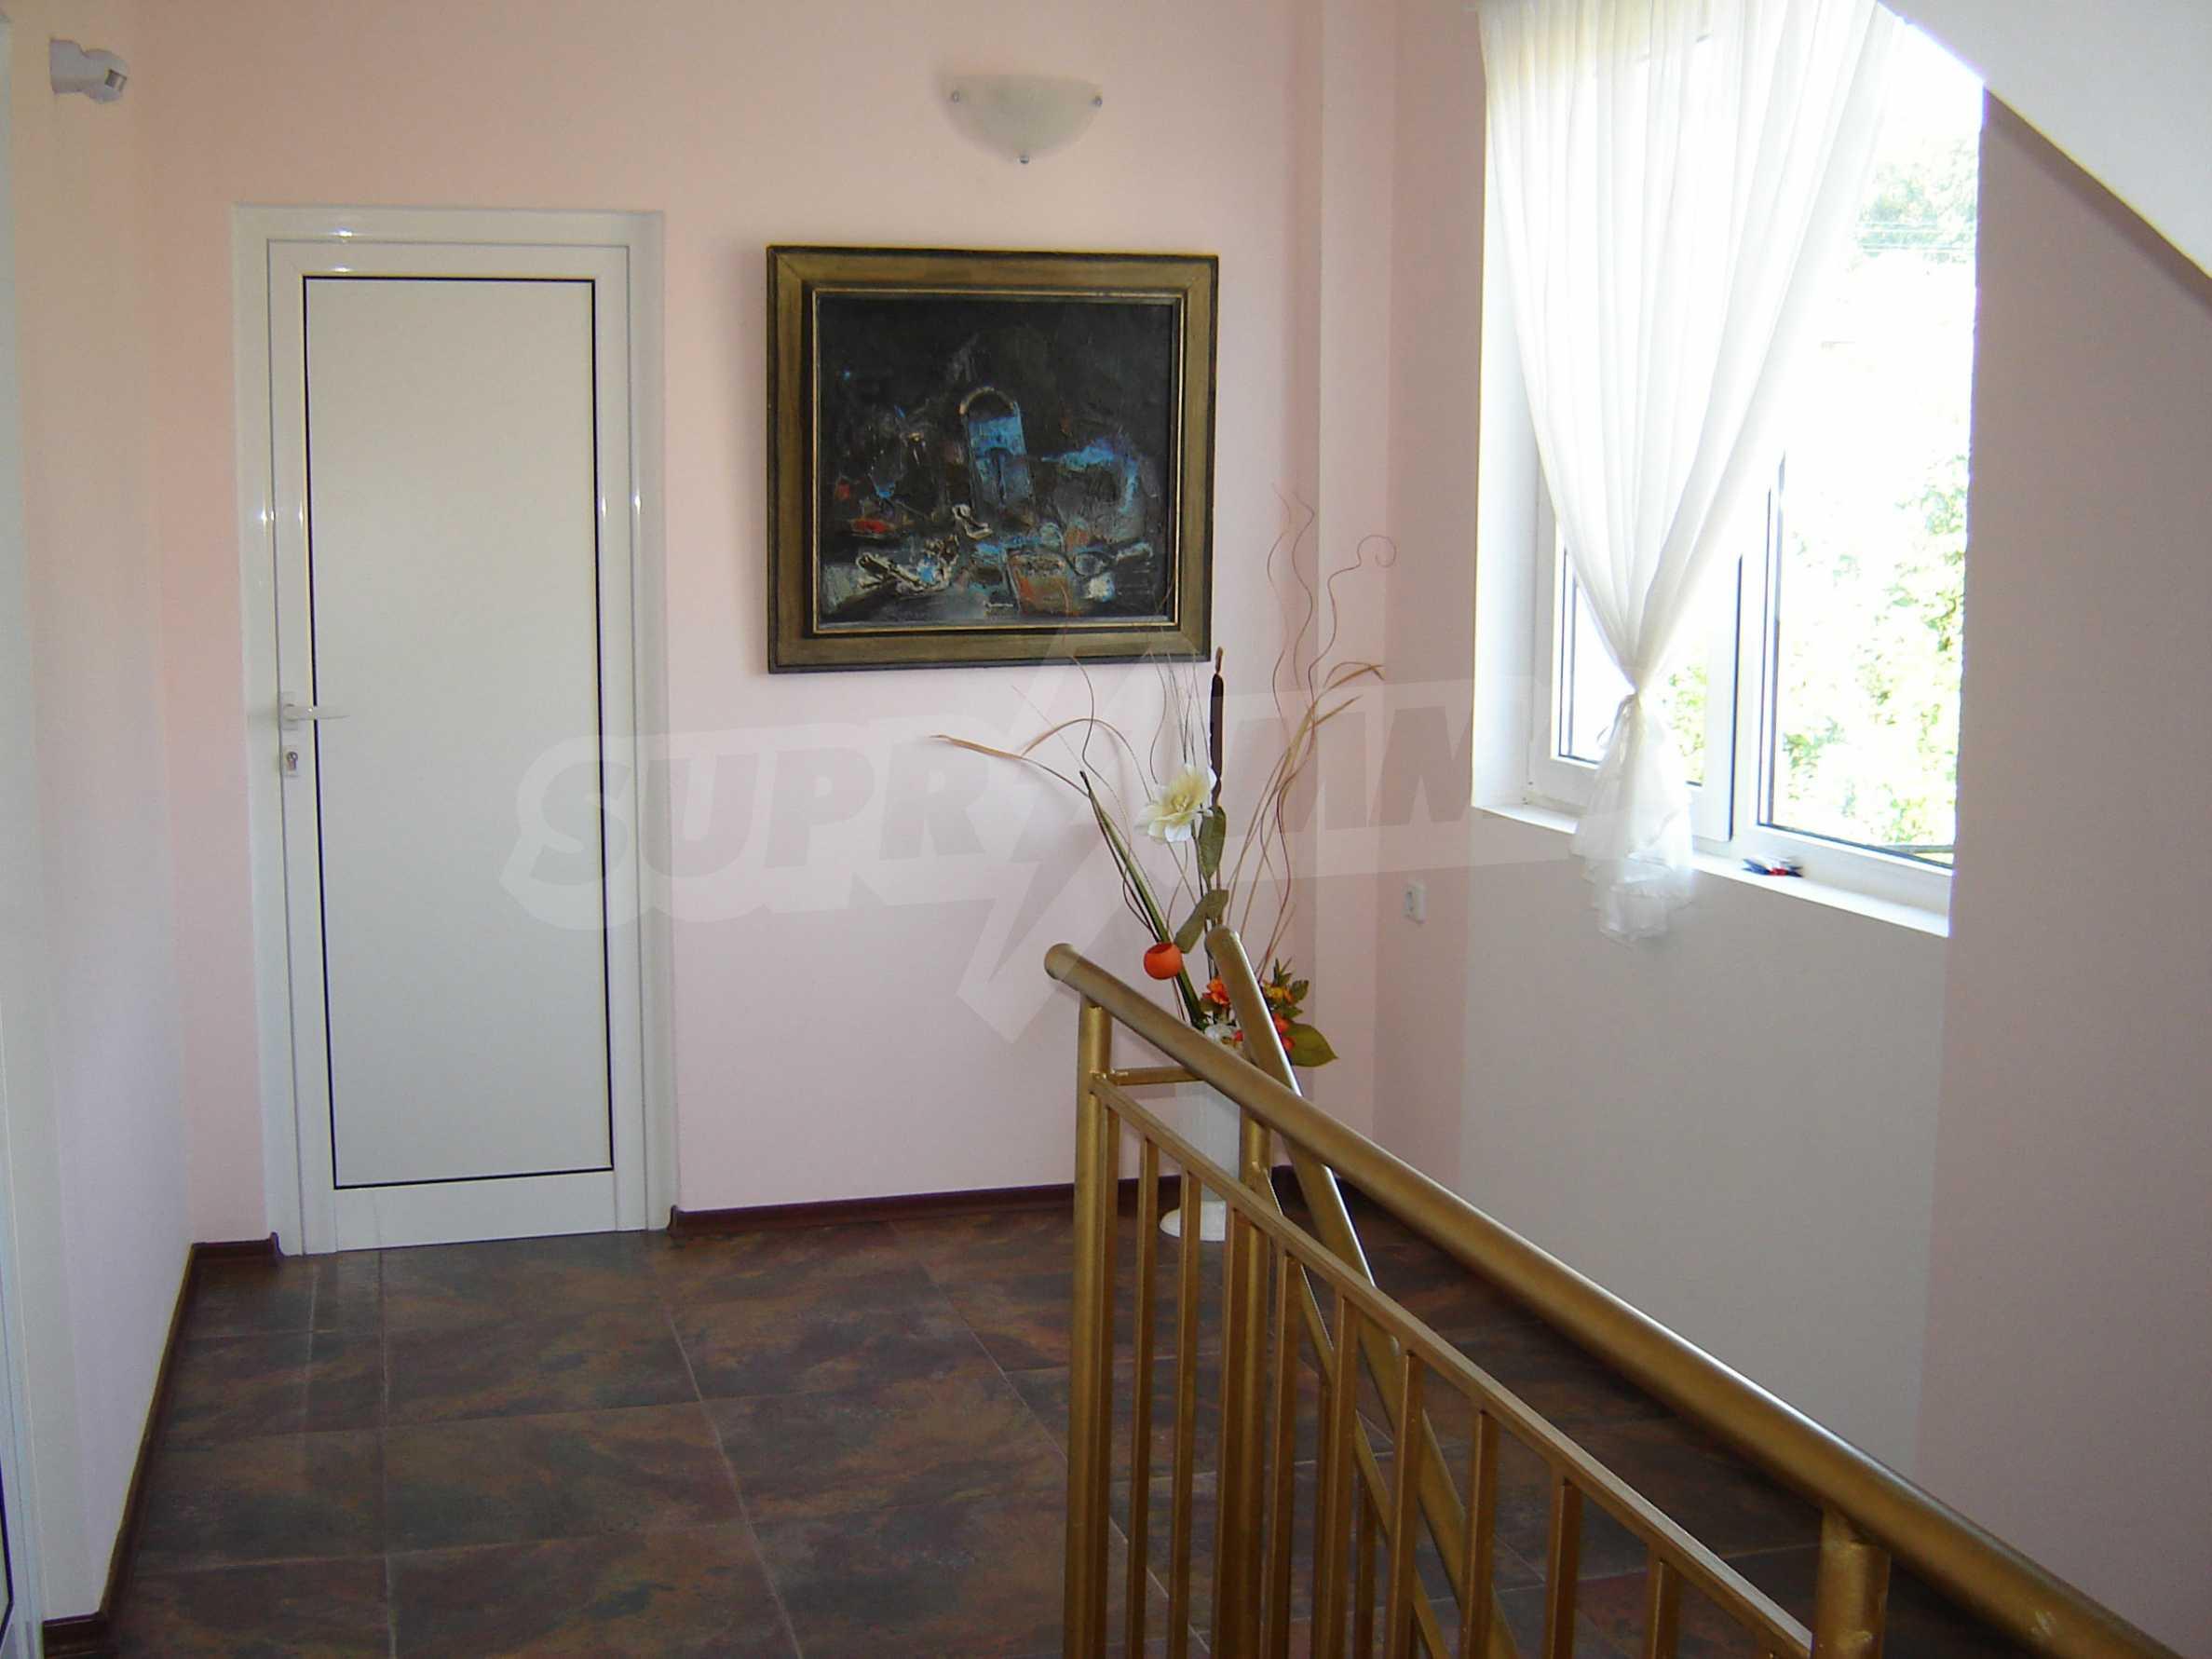 House of family hotel type for sale in Primorsko 4